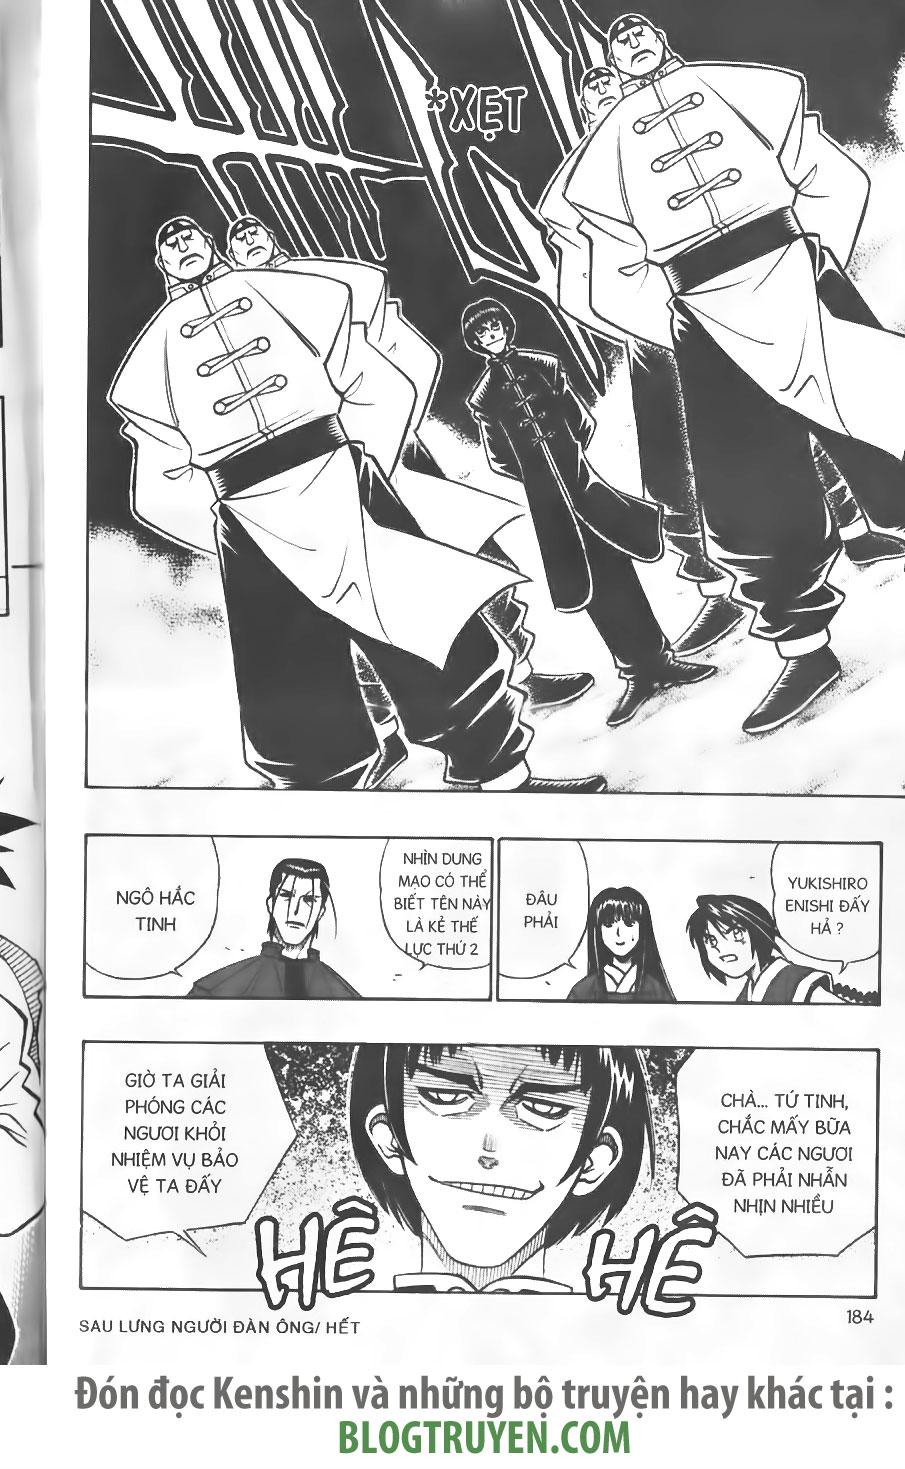 Rurouni Kenshin chap 237 trang 18